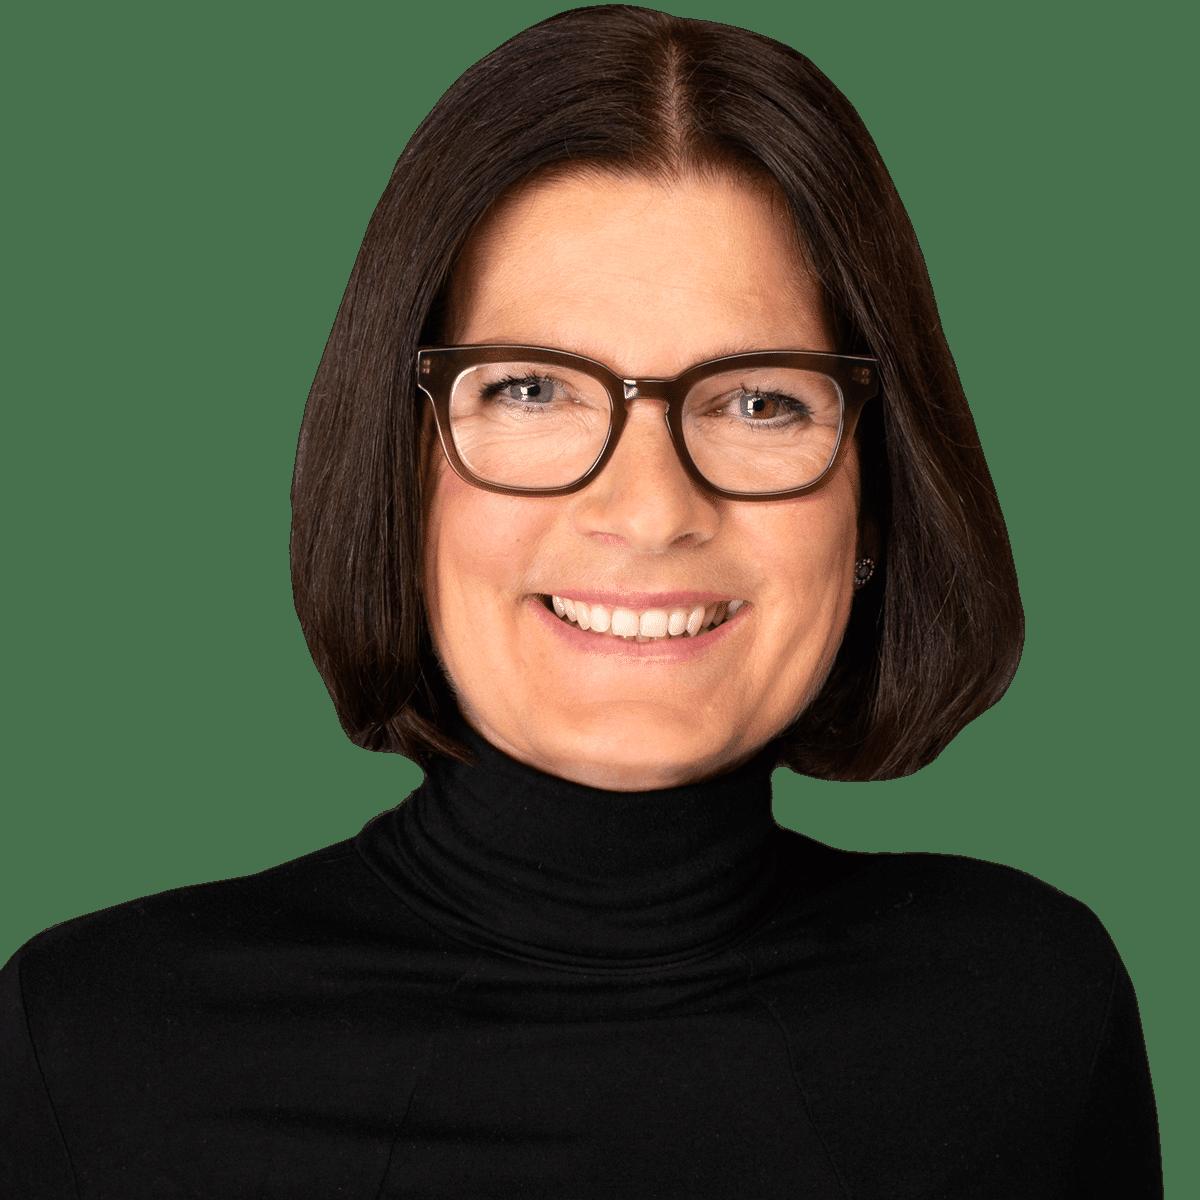 Nicole Herrfurth